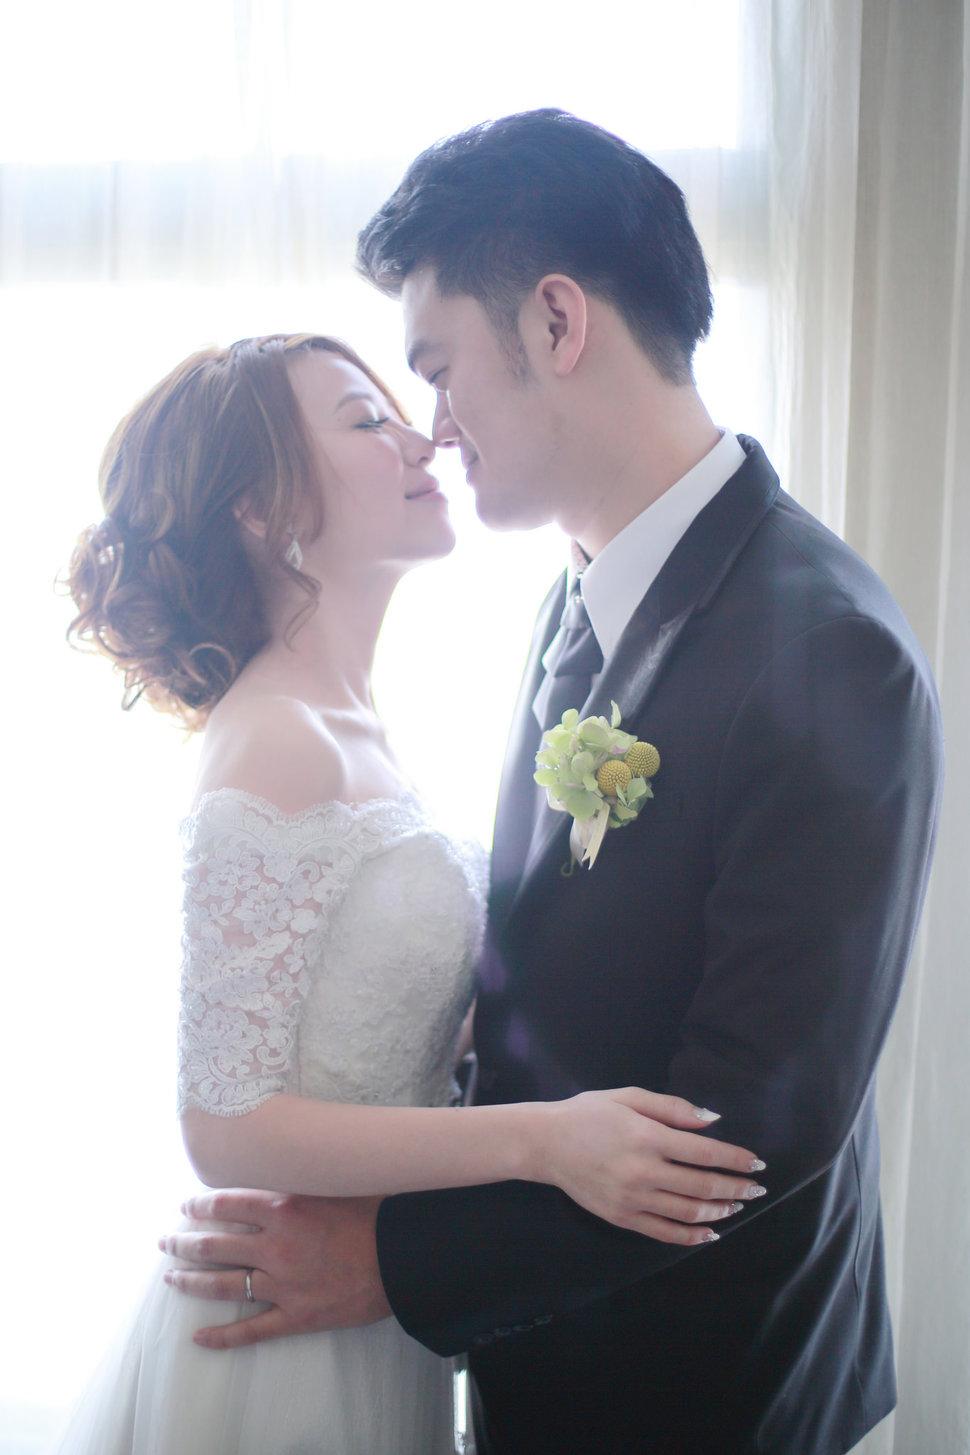 婚禮紀錄(編號:5302) - AC Photography - 結婚吧